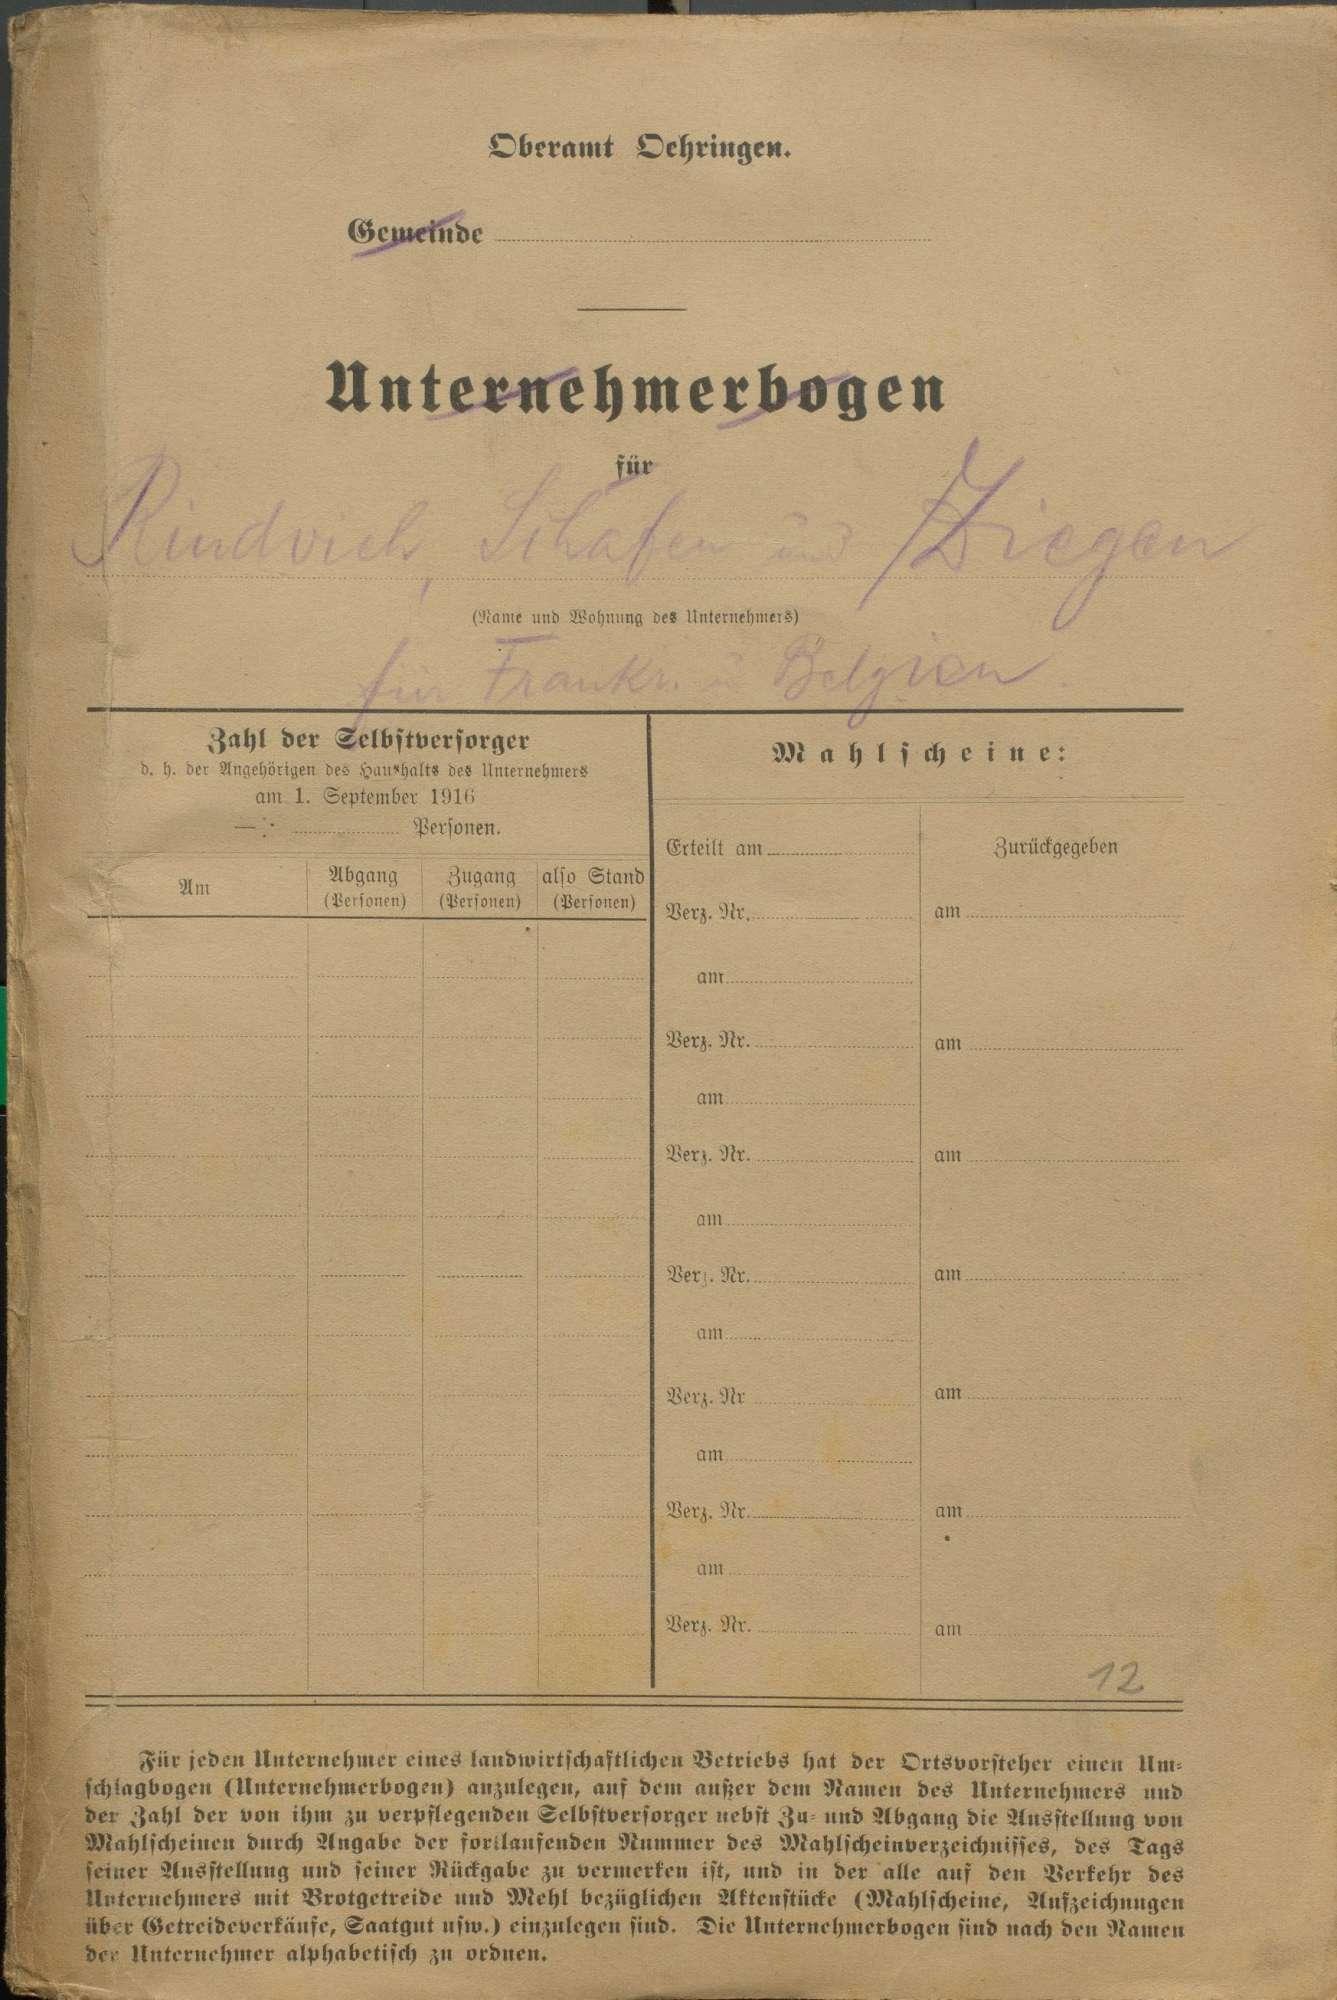 Friedensvertrag, Reparationen an Frankreich und Belgien, Ablieferung von Pferden, Schafen und Ziegen, Bild 1